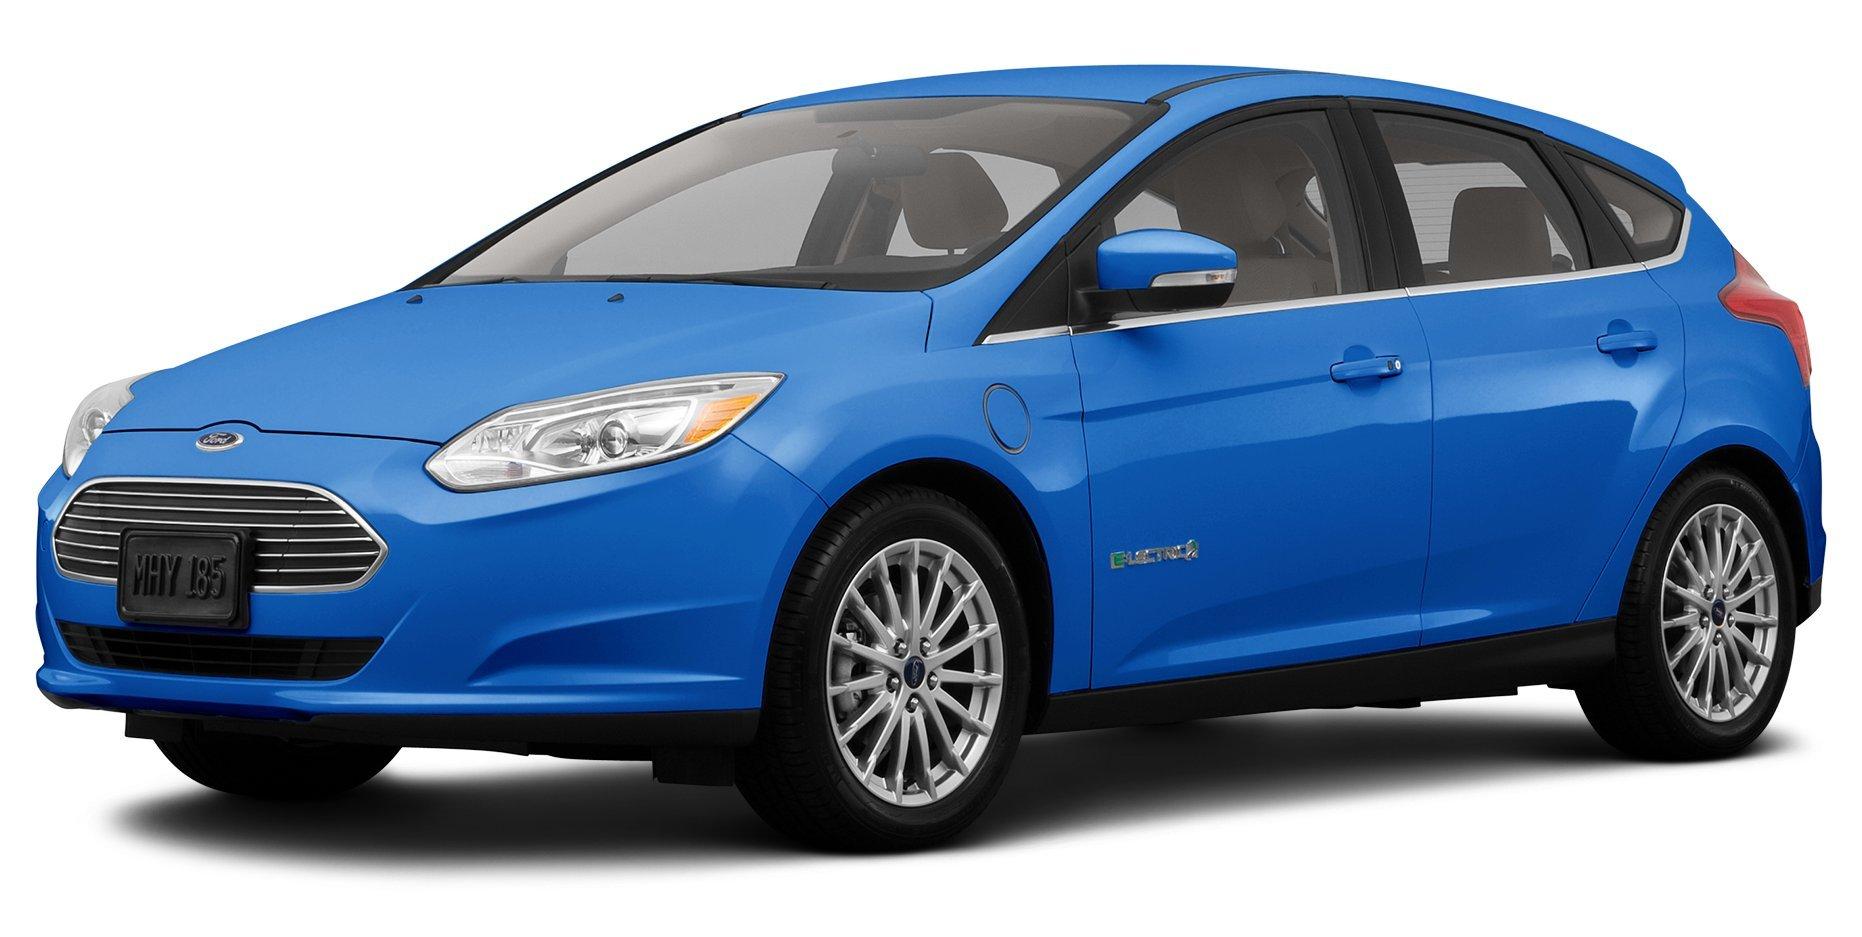 ... 2013 Ford Focus, 5-Door Hatchback